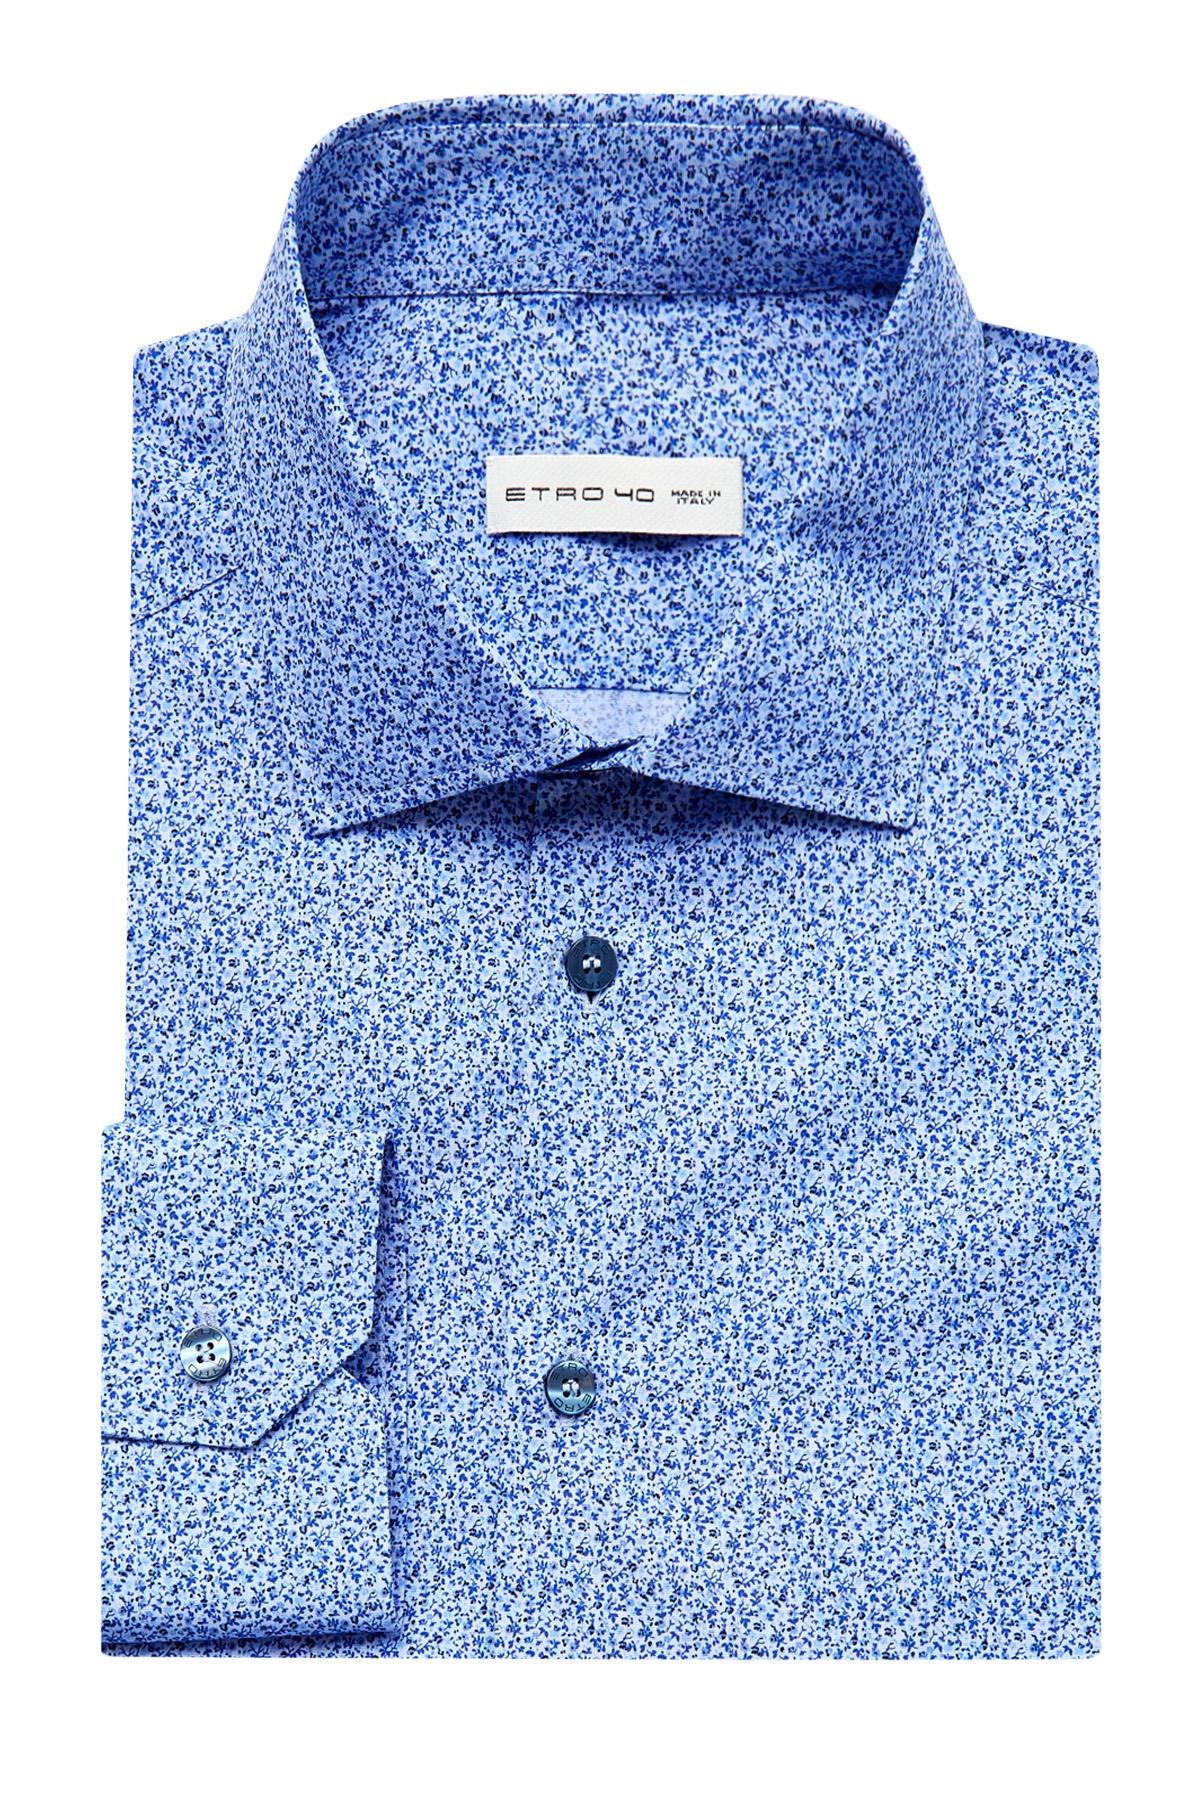 Приталенная рубашка из хлопка с микро-принтом